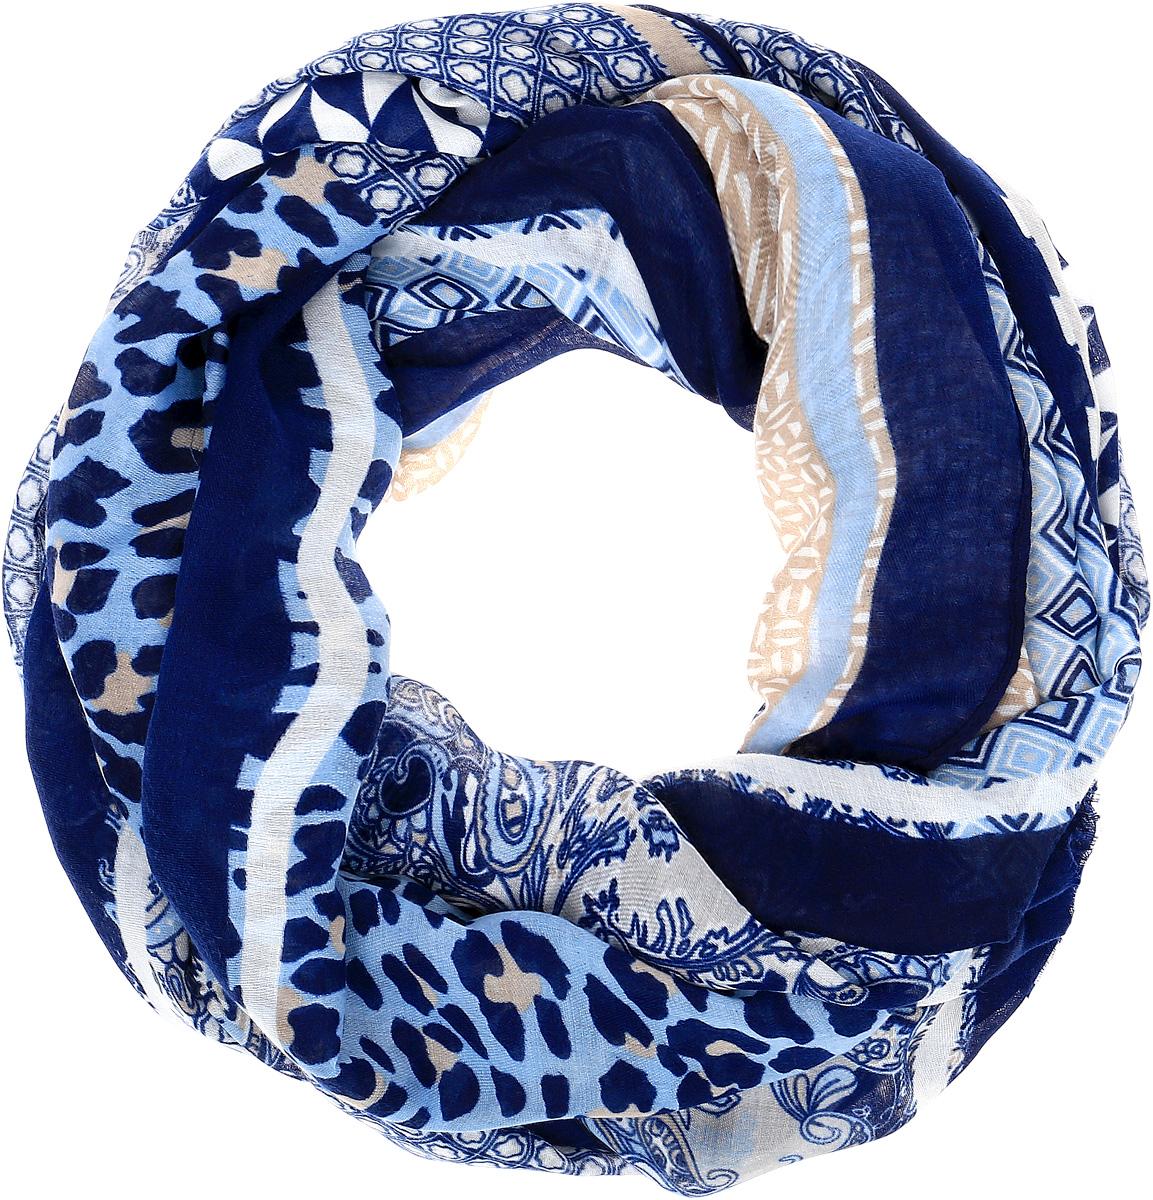 Палантин Sophie Ramage, цвет: синий, голубой, бежевый. HL-21667-10. Размер 90 см х 180 смHL-21667Элегантный палантин Sophie Ramage станет достойным завершением вашего образа. Палантин изготовлен из высококачественного модала с добавлением шерсти. Оформлена модель стильным принтом и дополнена небольшой бахромой. Палантин красиво драпируется, он превосходно дополнит любой наряд и подчеркнет ваш изысканный вкус. Легкий и изящный палантин привнесет в ваш образ утонченность и шарм.